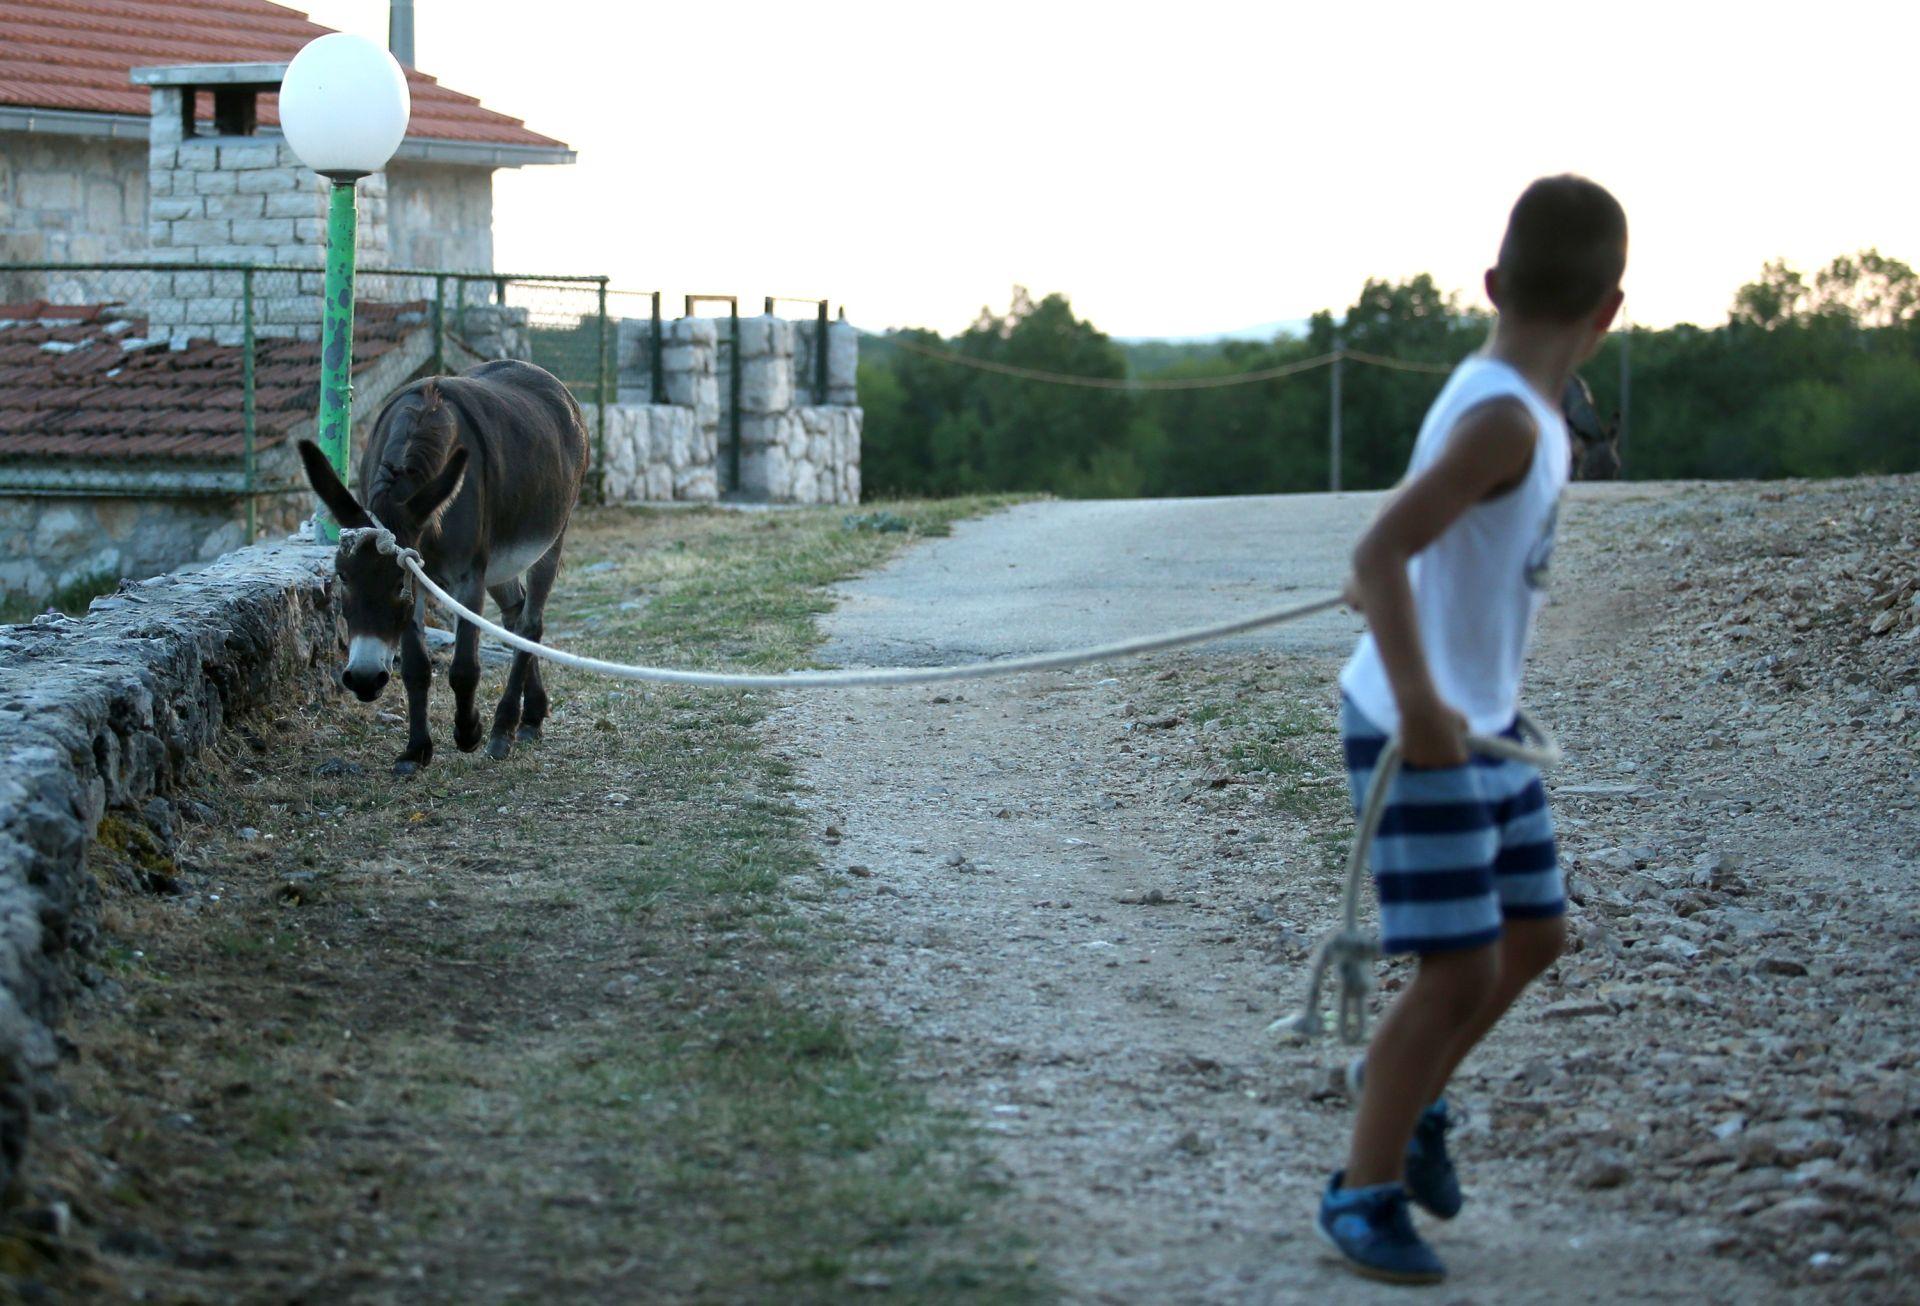 ŽEVRNJA I KATICA: U RH ima golemih potencijala za razvoj seoskog turizma